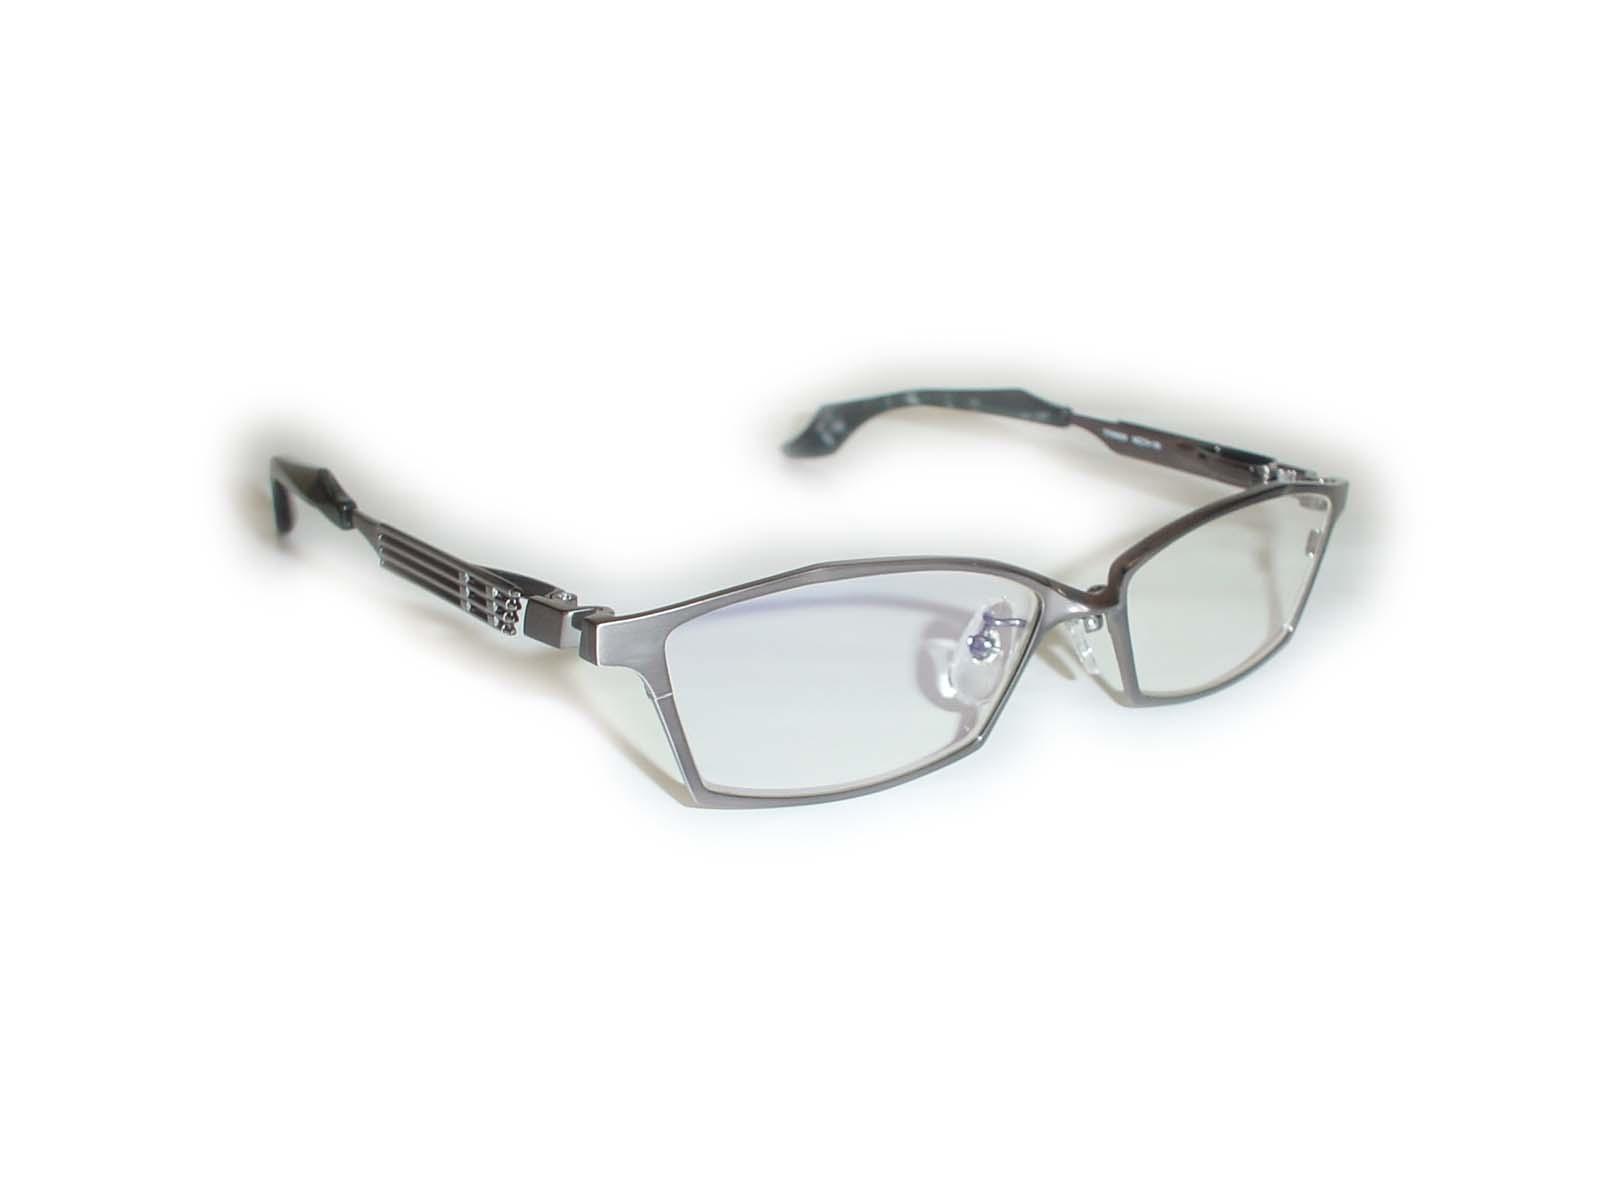 ★★進撃の巨人★★Eren&Mikasa54□15-138超薄型非球面レンズ付コラボ眼鏡